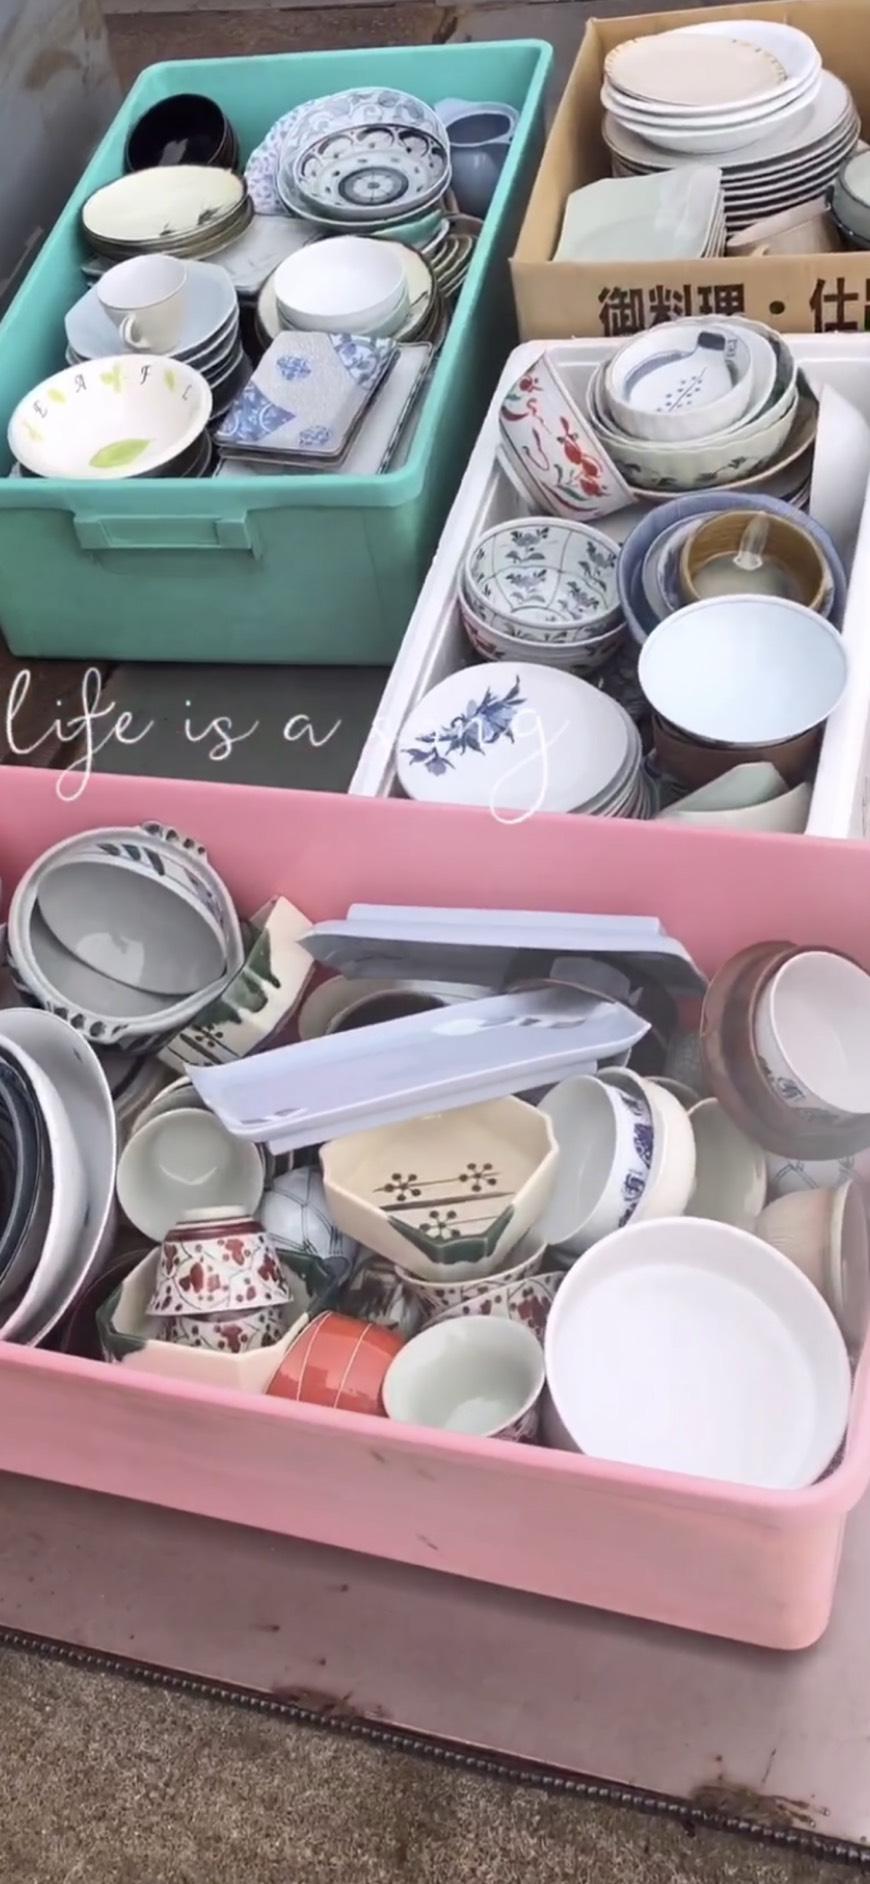 陶器やガラスの買取も樋口興業にお任せください